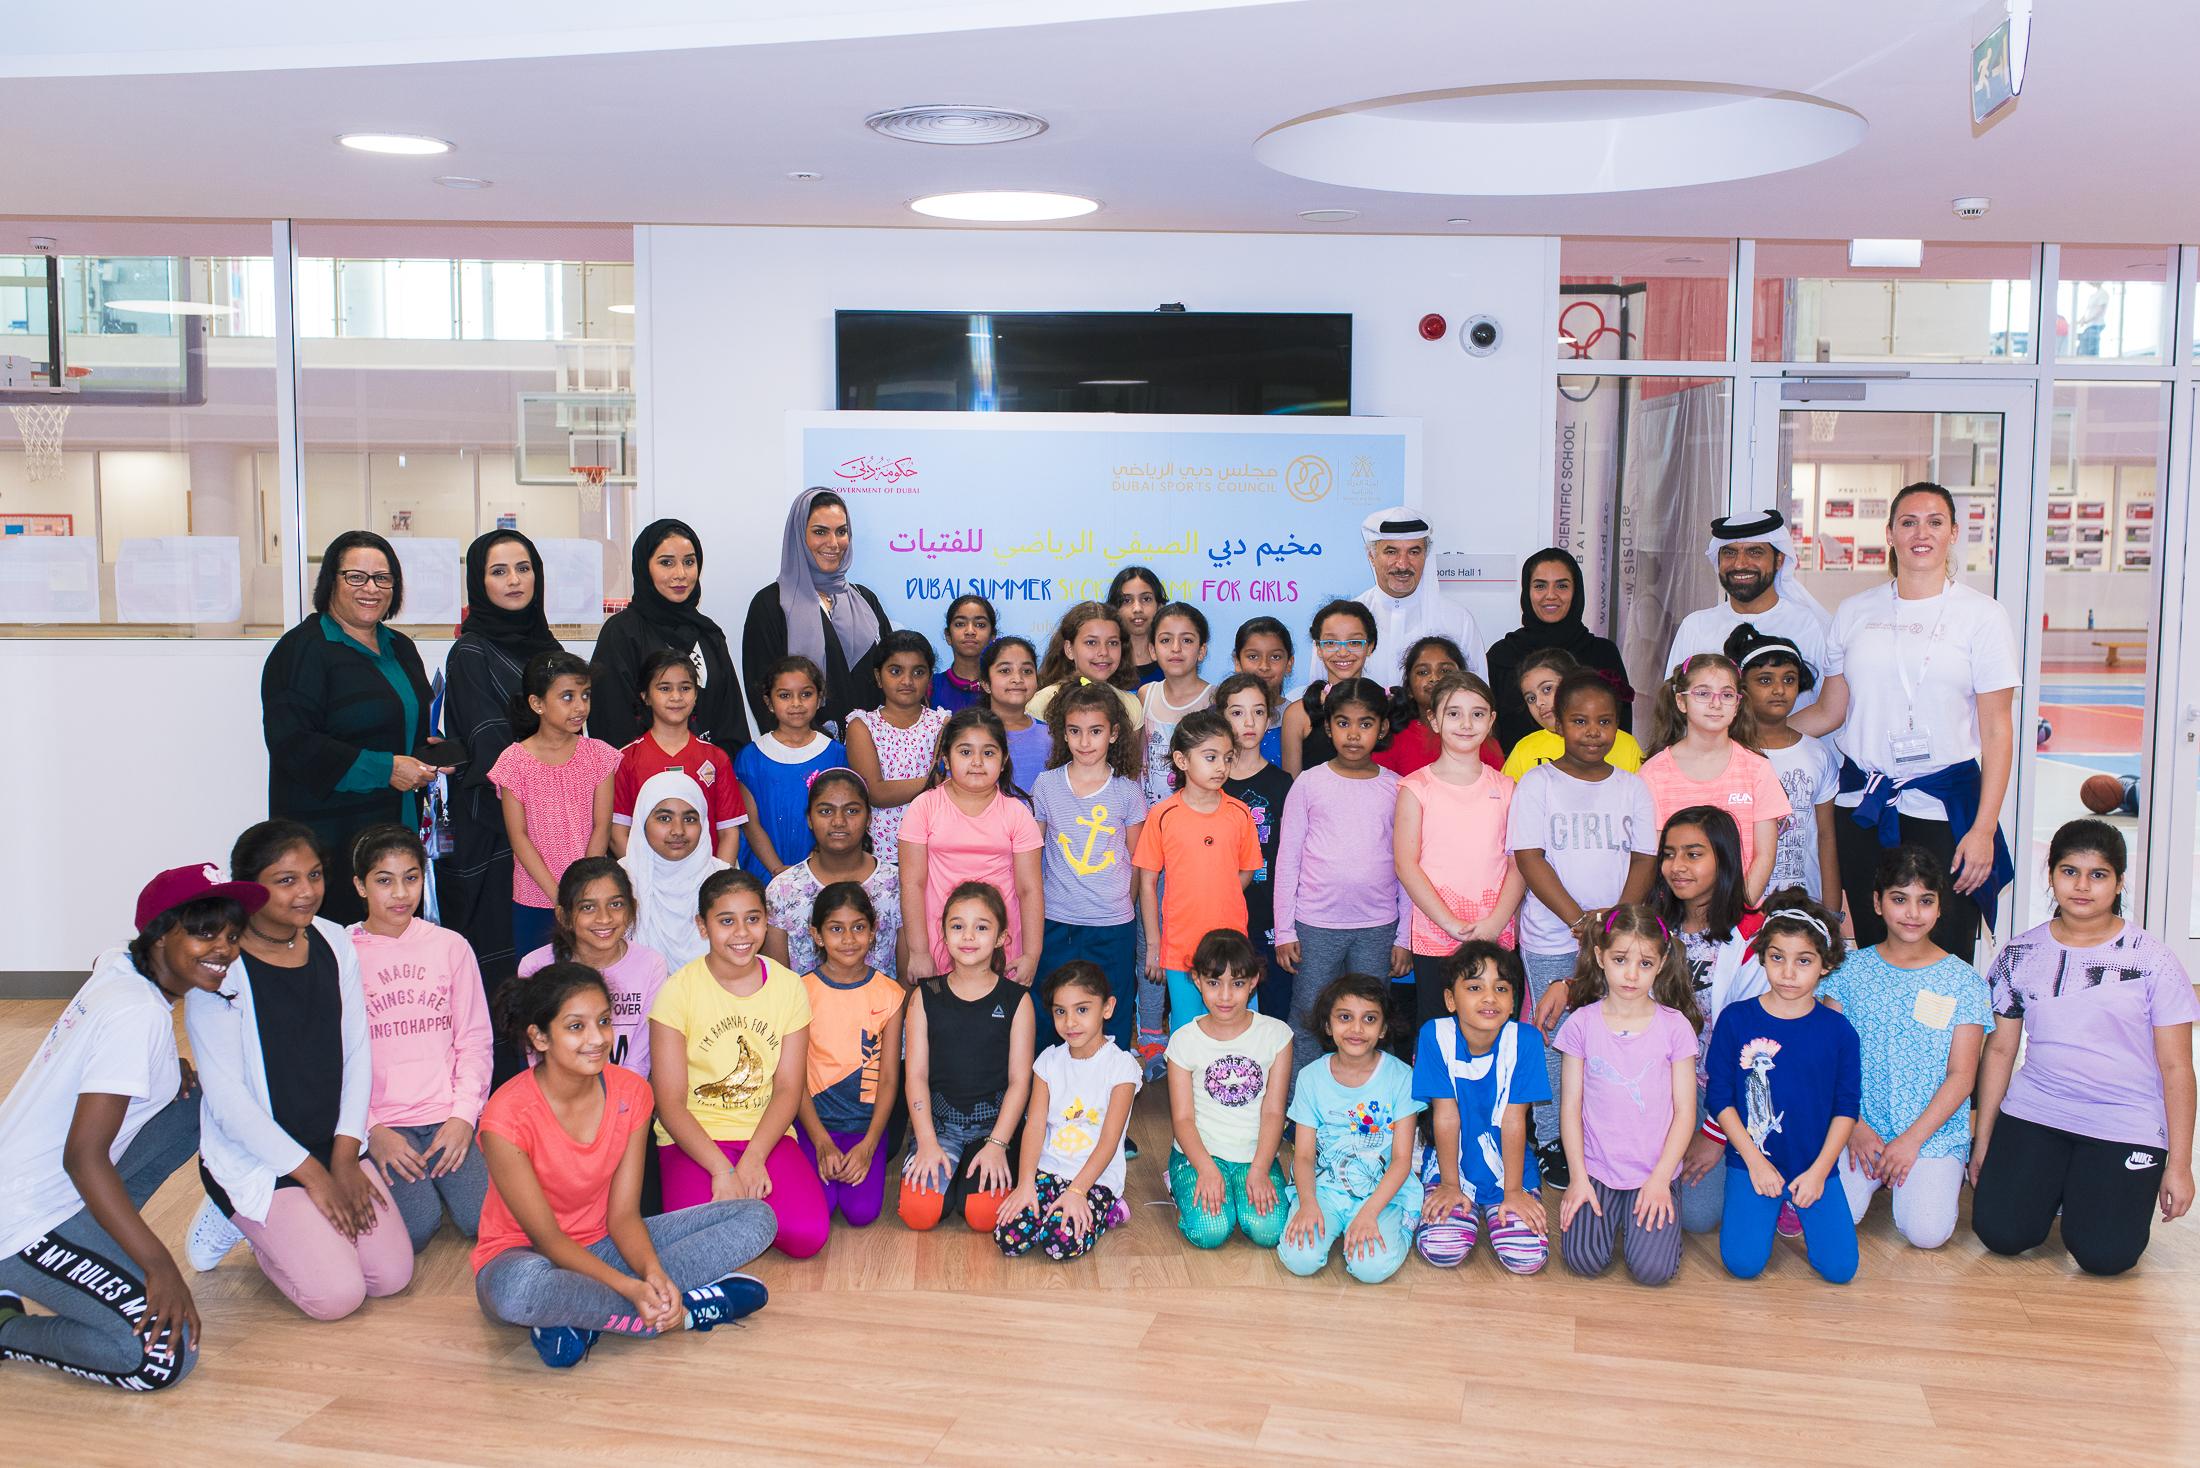 أمين عام مجلس دبي الرياضي يزور المخيم الصيفي للفتيات